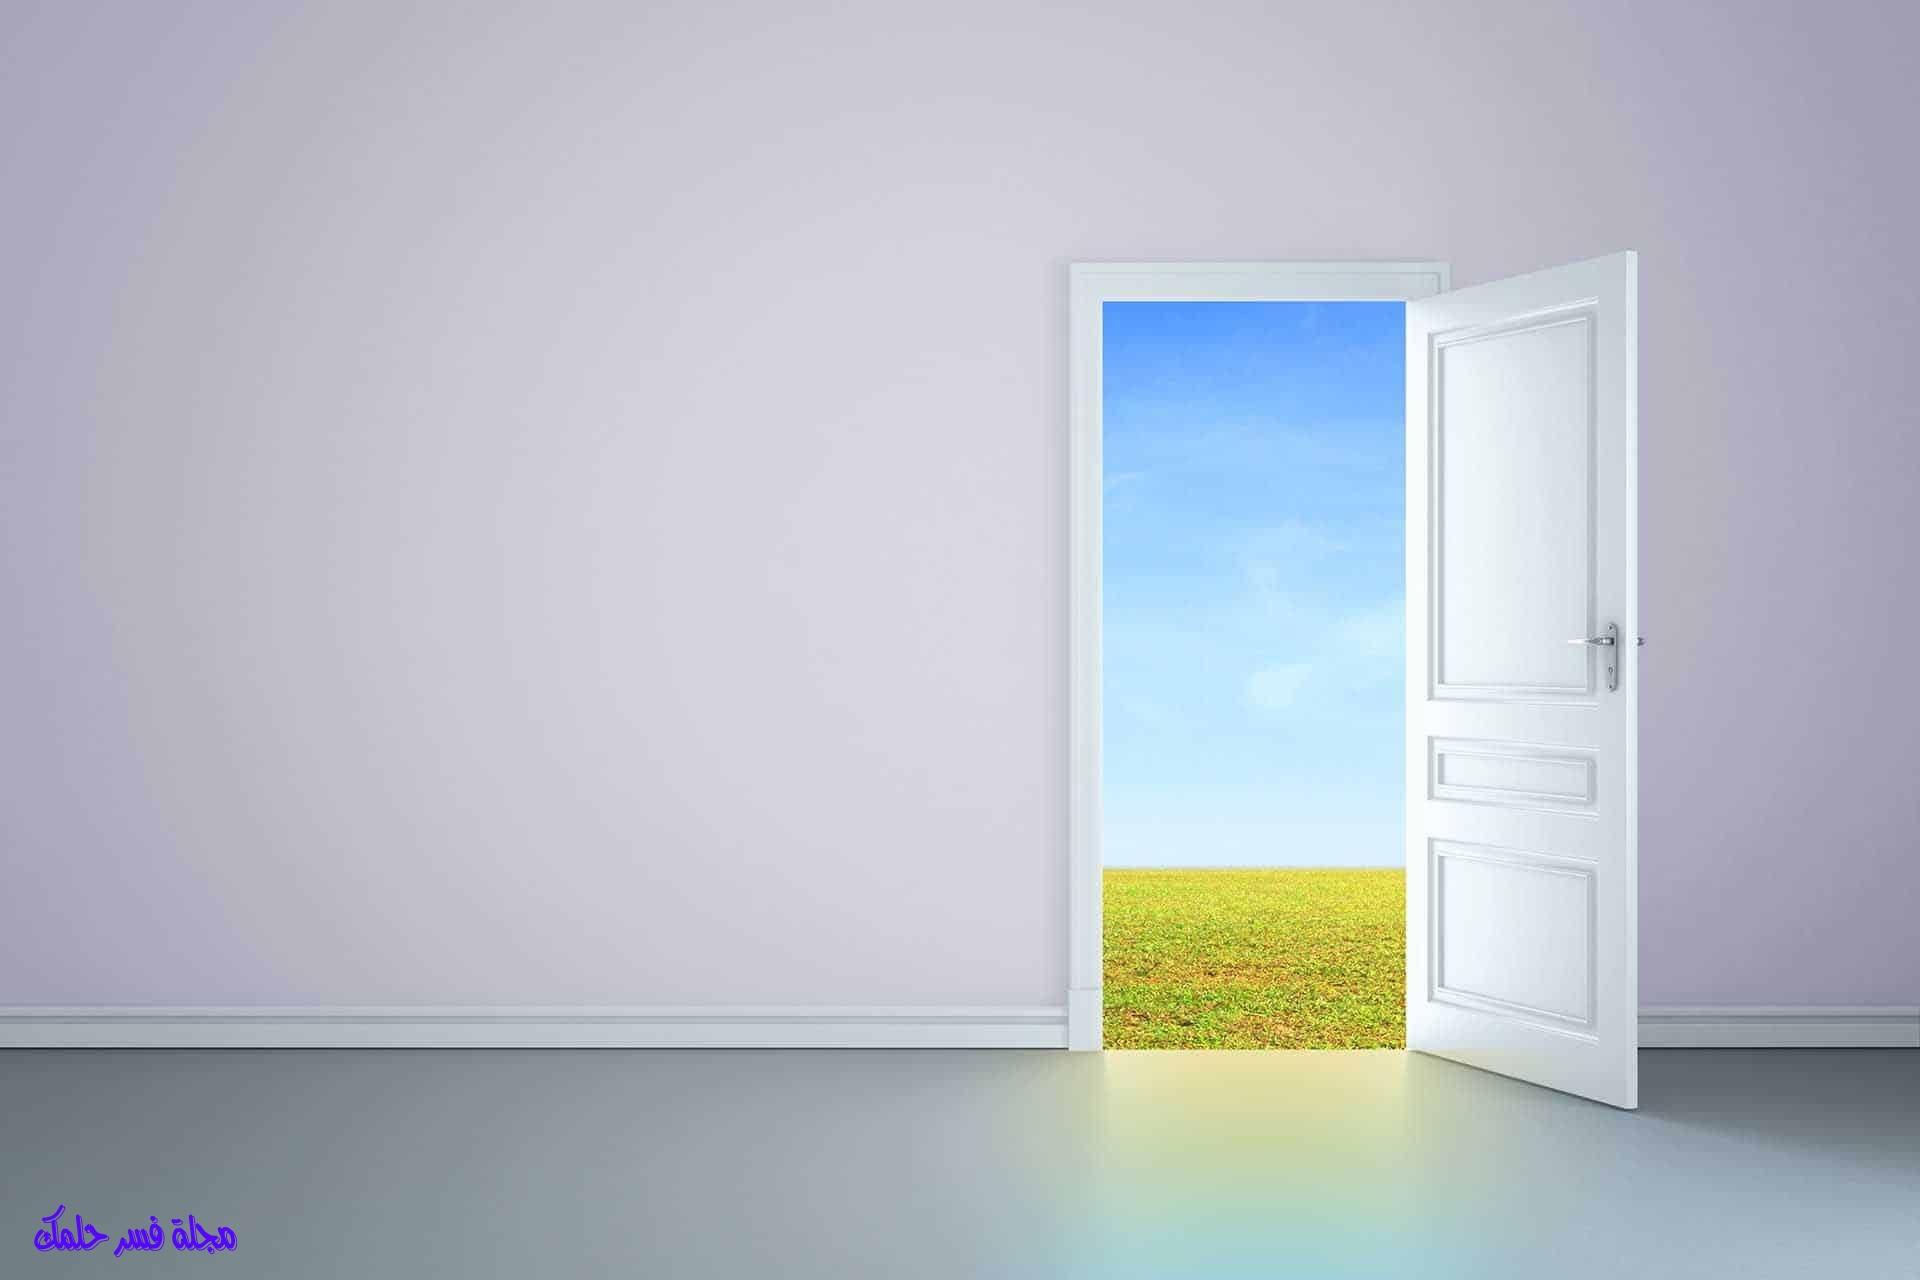 حلم الباب المفتوح للمرأة المتزوجة والعزباء في المنام